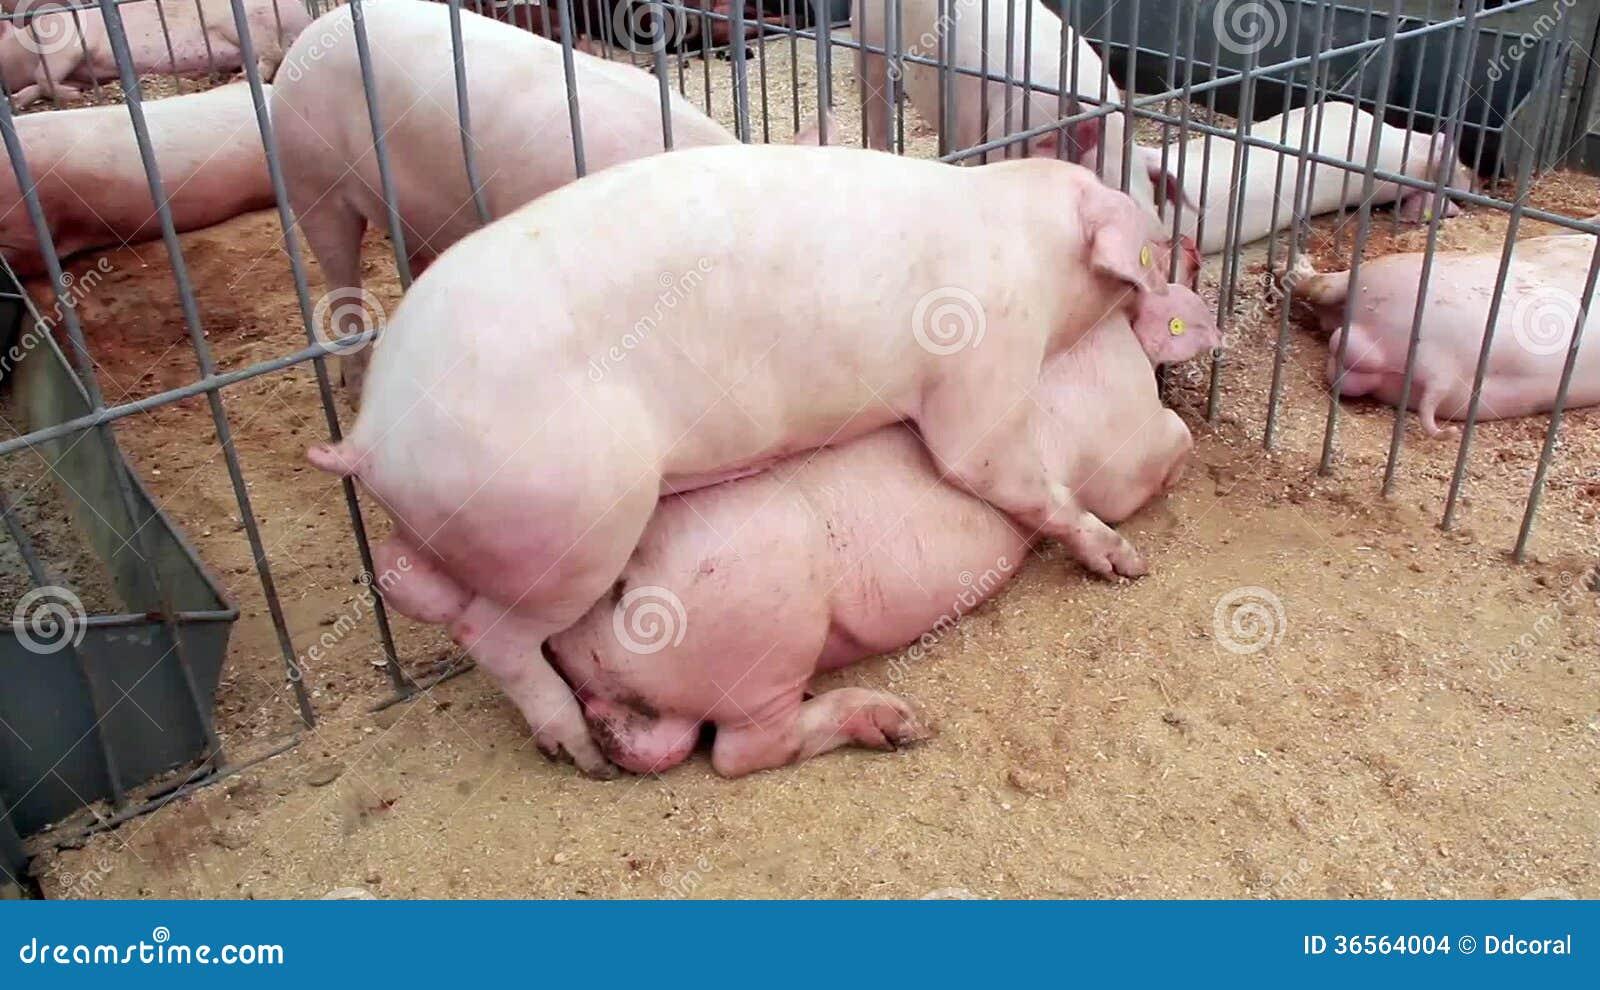 Секс со свиньями смотреть бесплатно